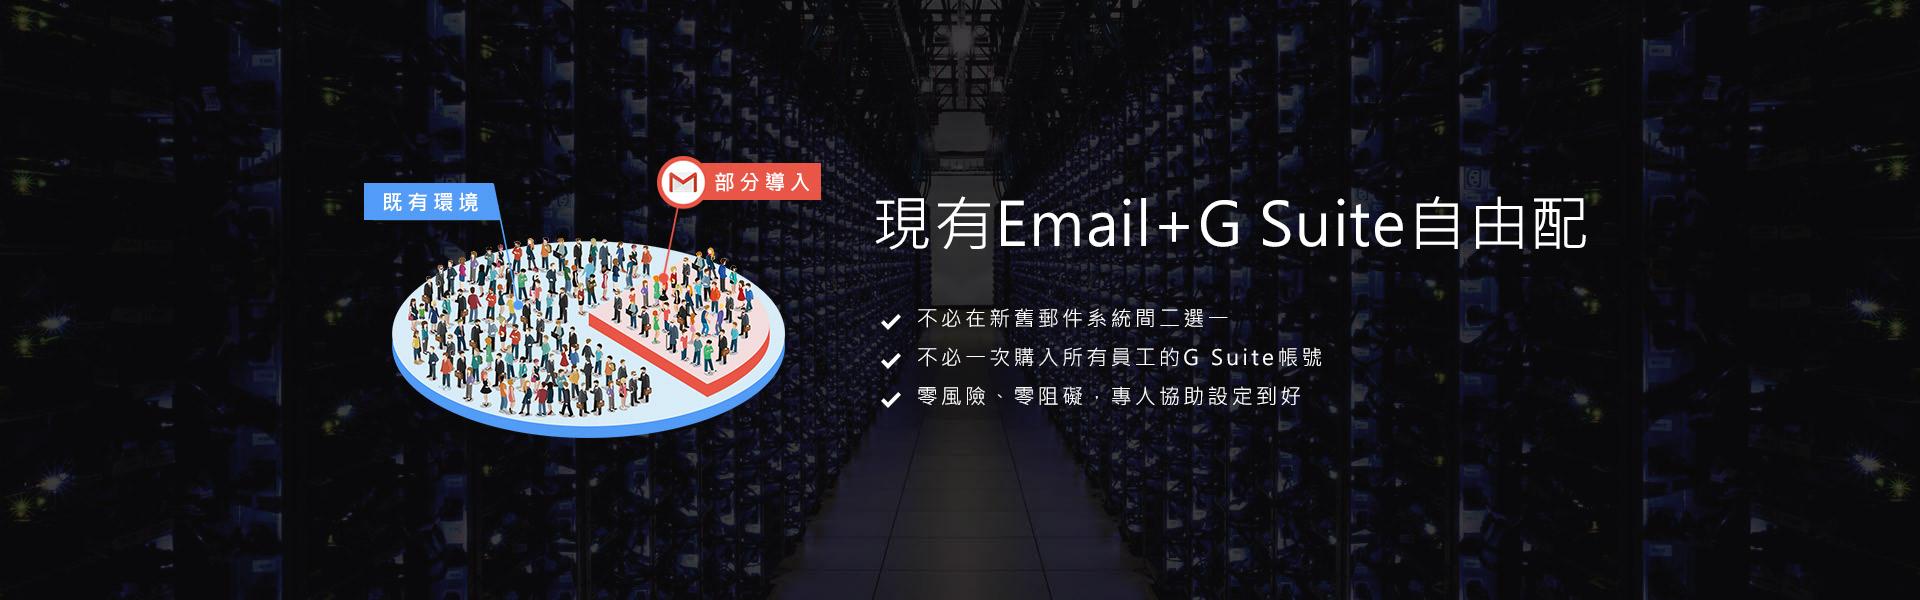 現有Email + G Suite自由配